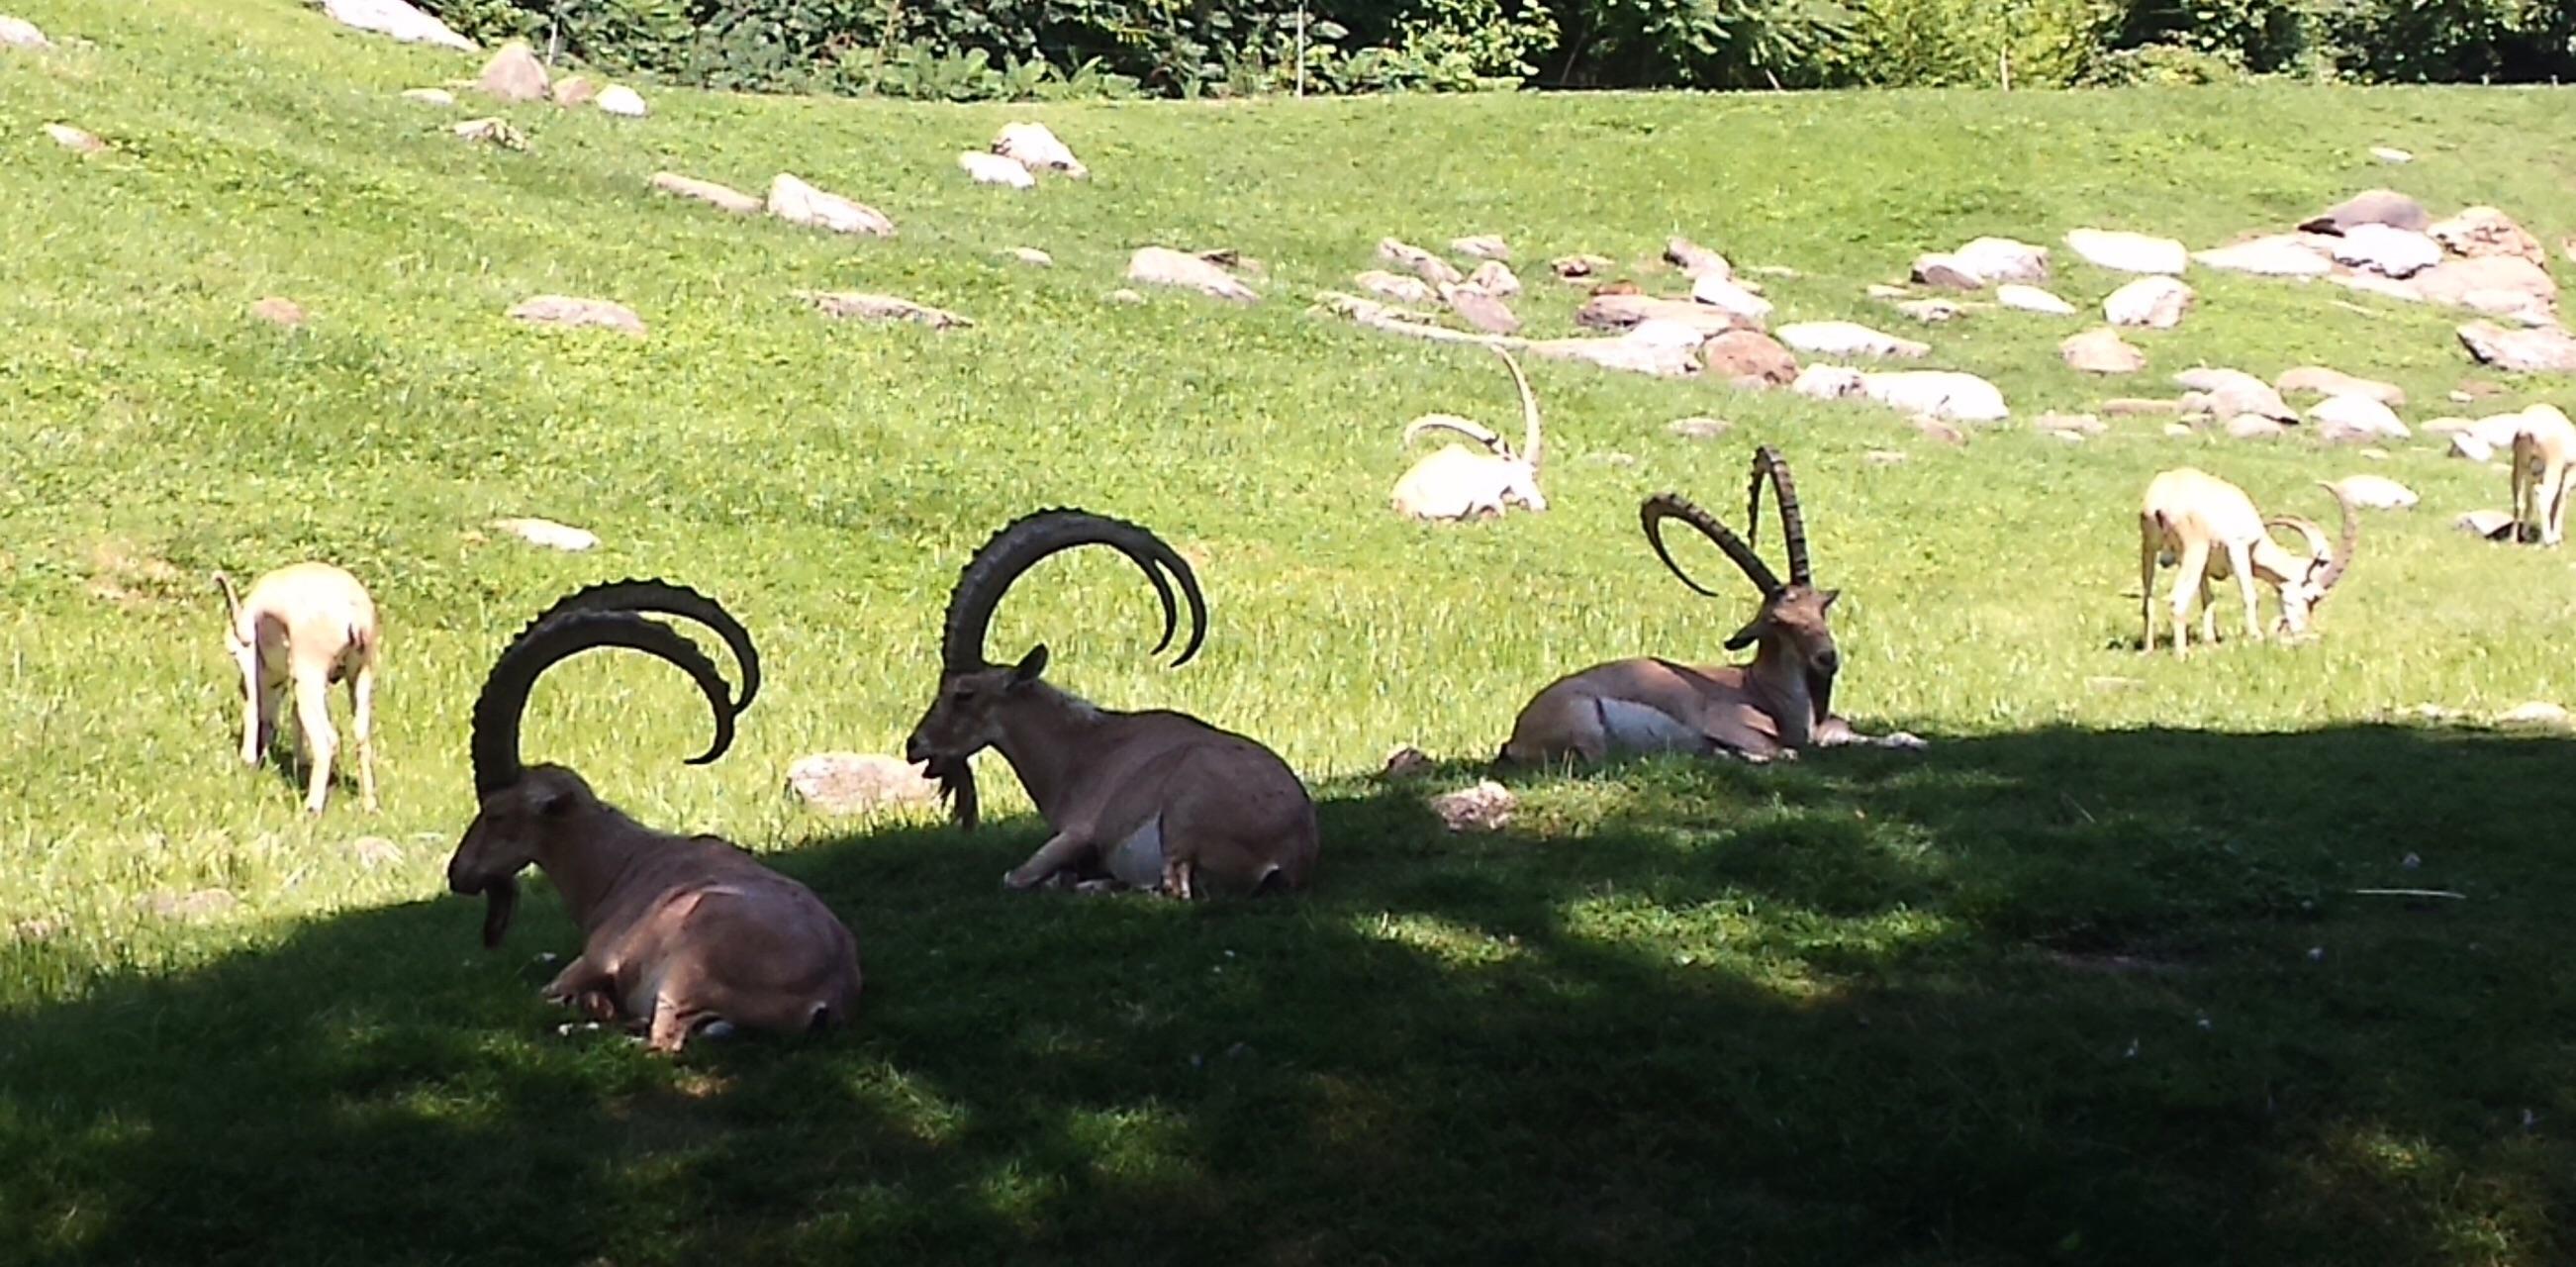 布朗克斯动物园旅游景点攻略图